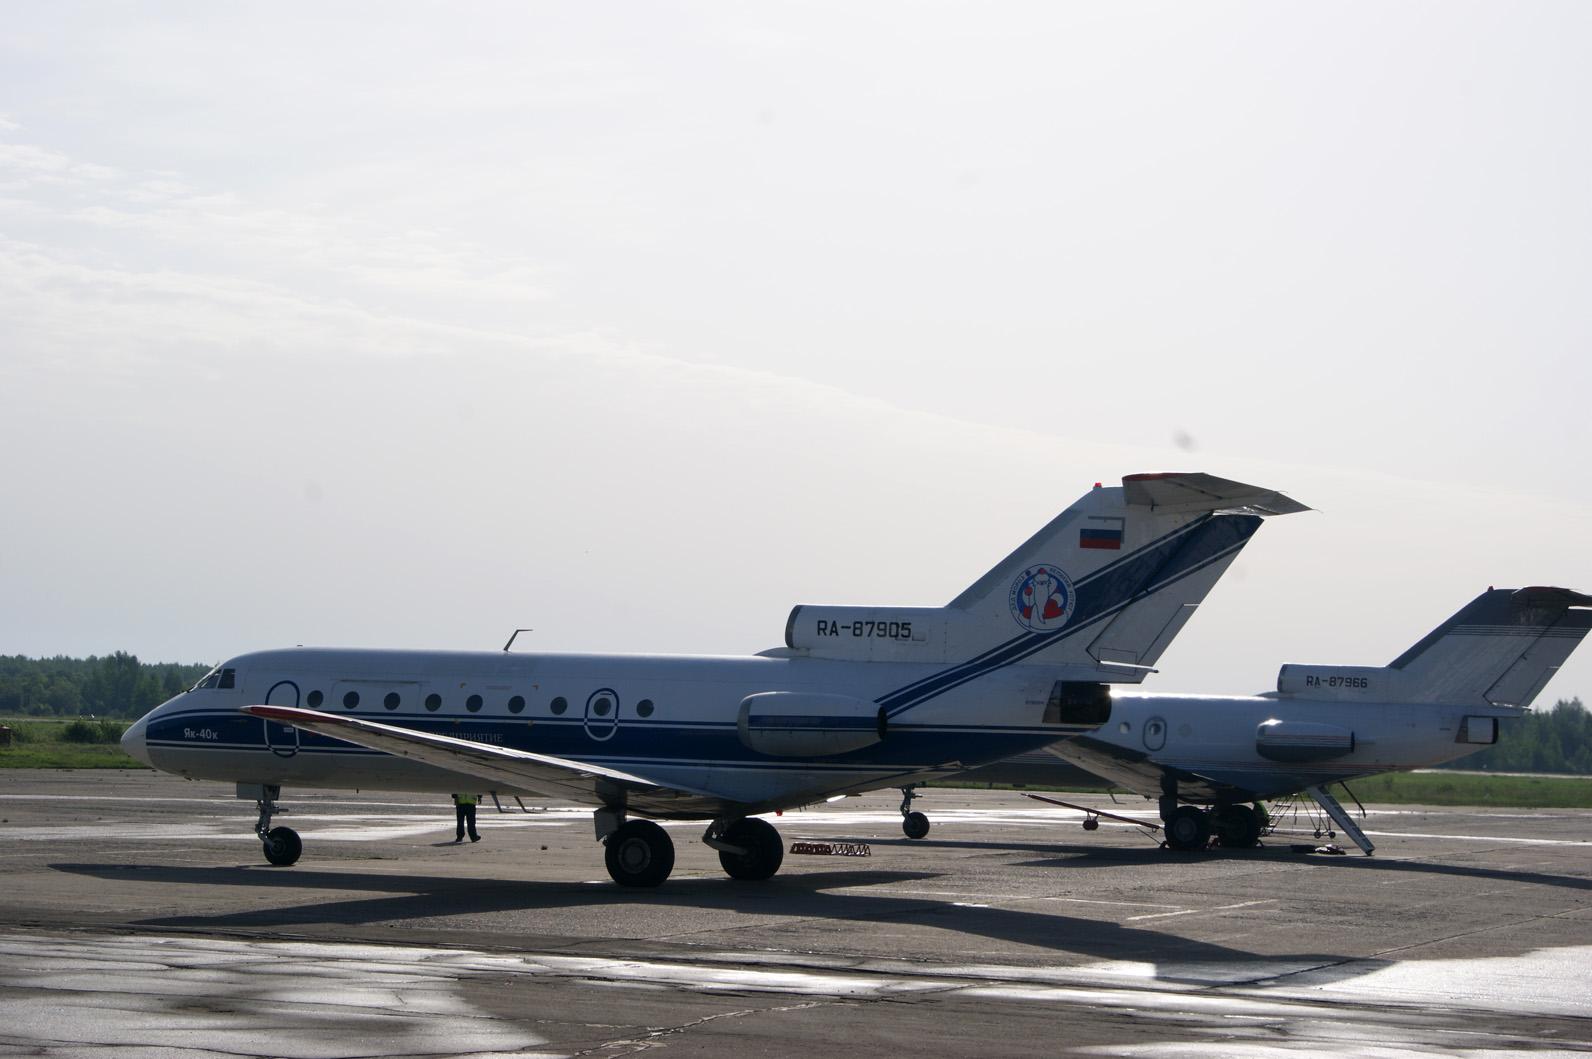 Из Вологды в Москву теперь можно долететь за полтора часа